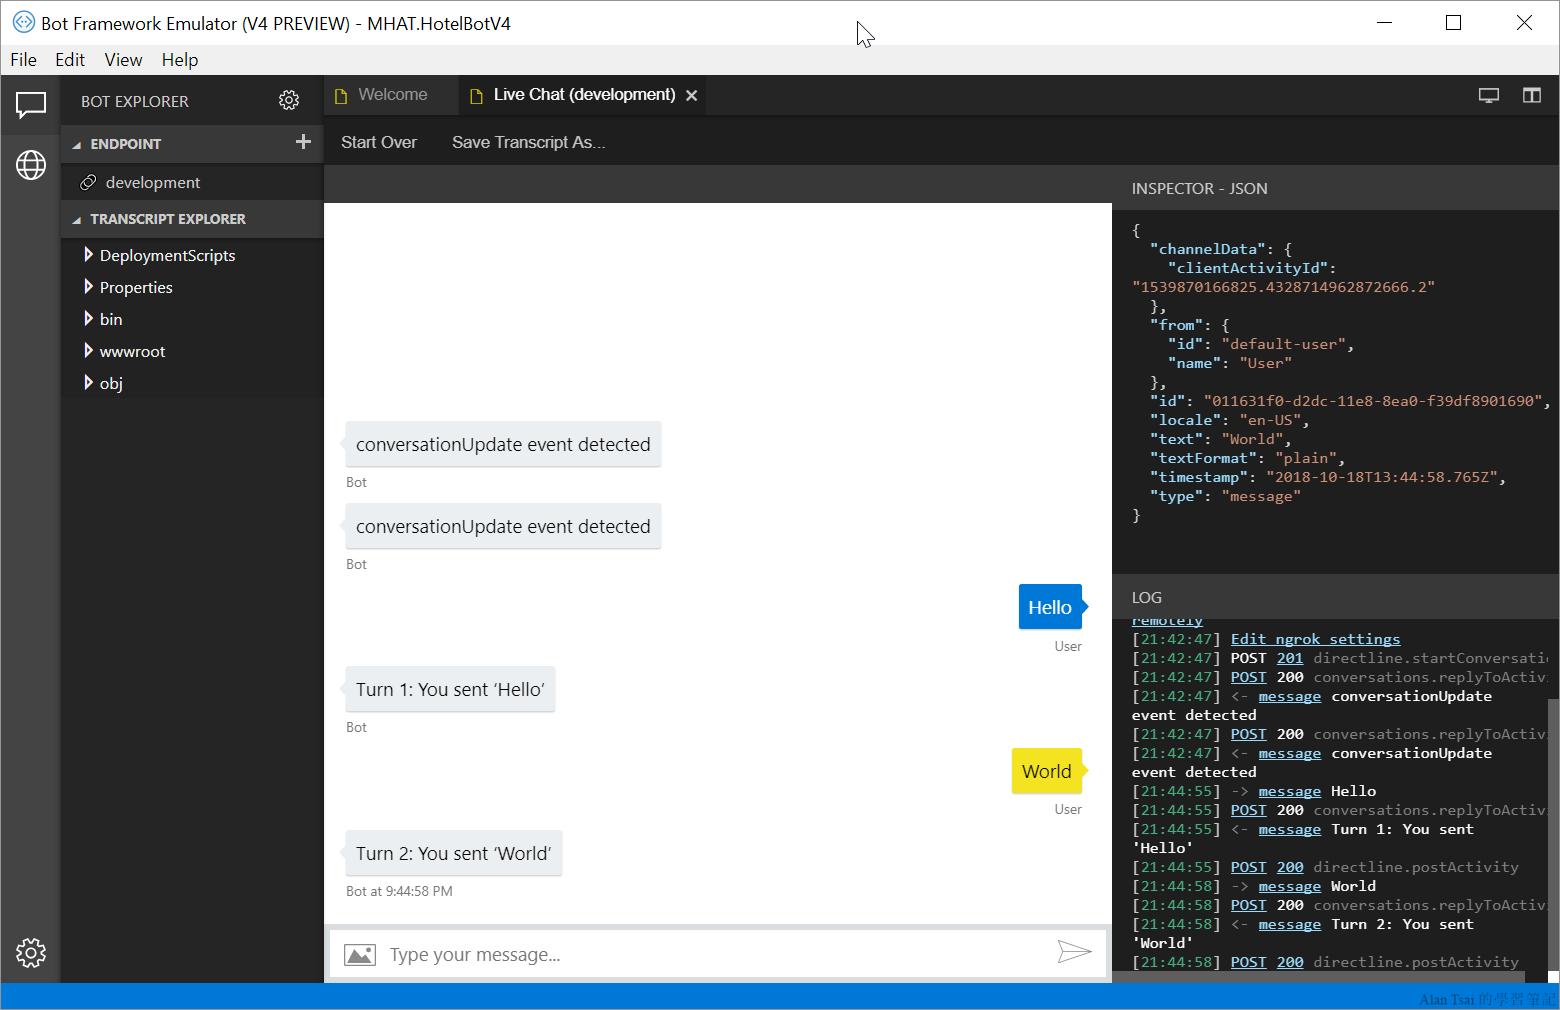 Bot Framework Emulator_2018-10-18_21-45-22.png